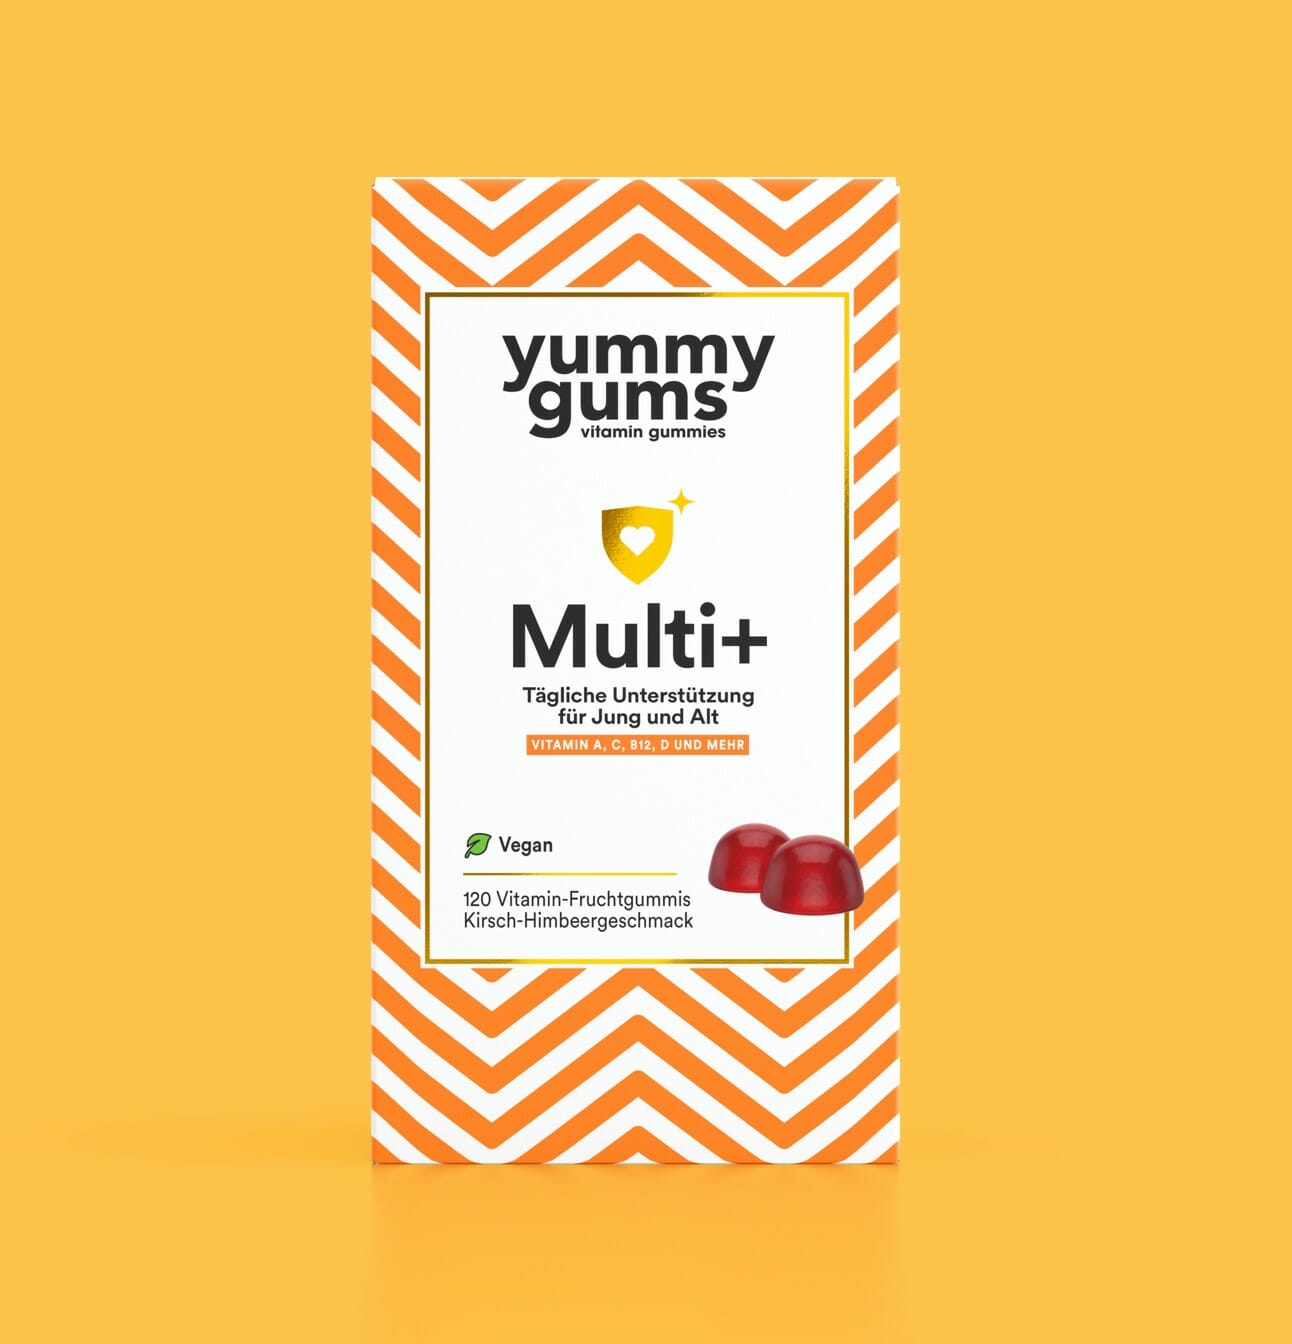 Multi Plus - Natürliches Multivitamin kaufen - Multivitamin kaufen - vegane Multivitamine